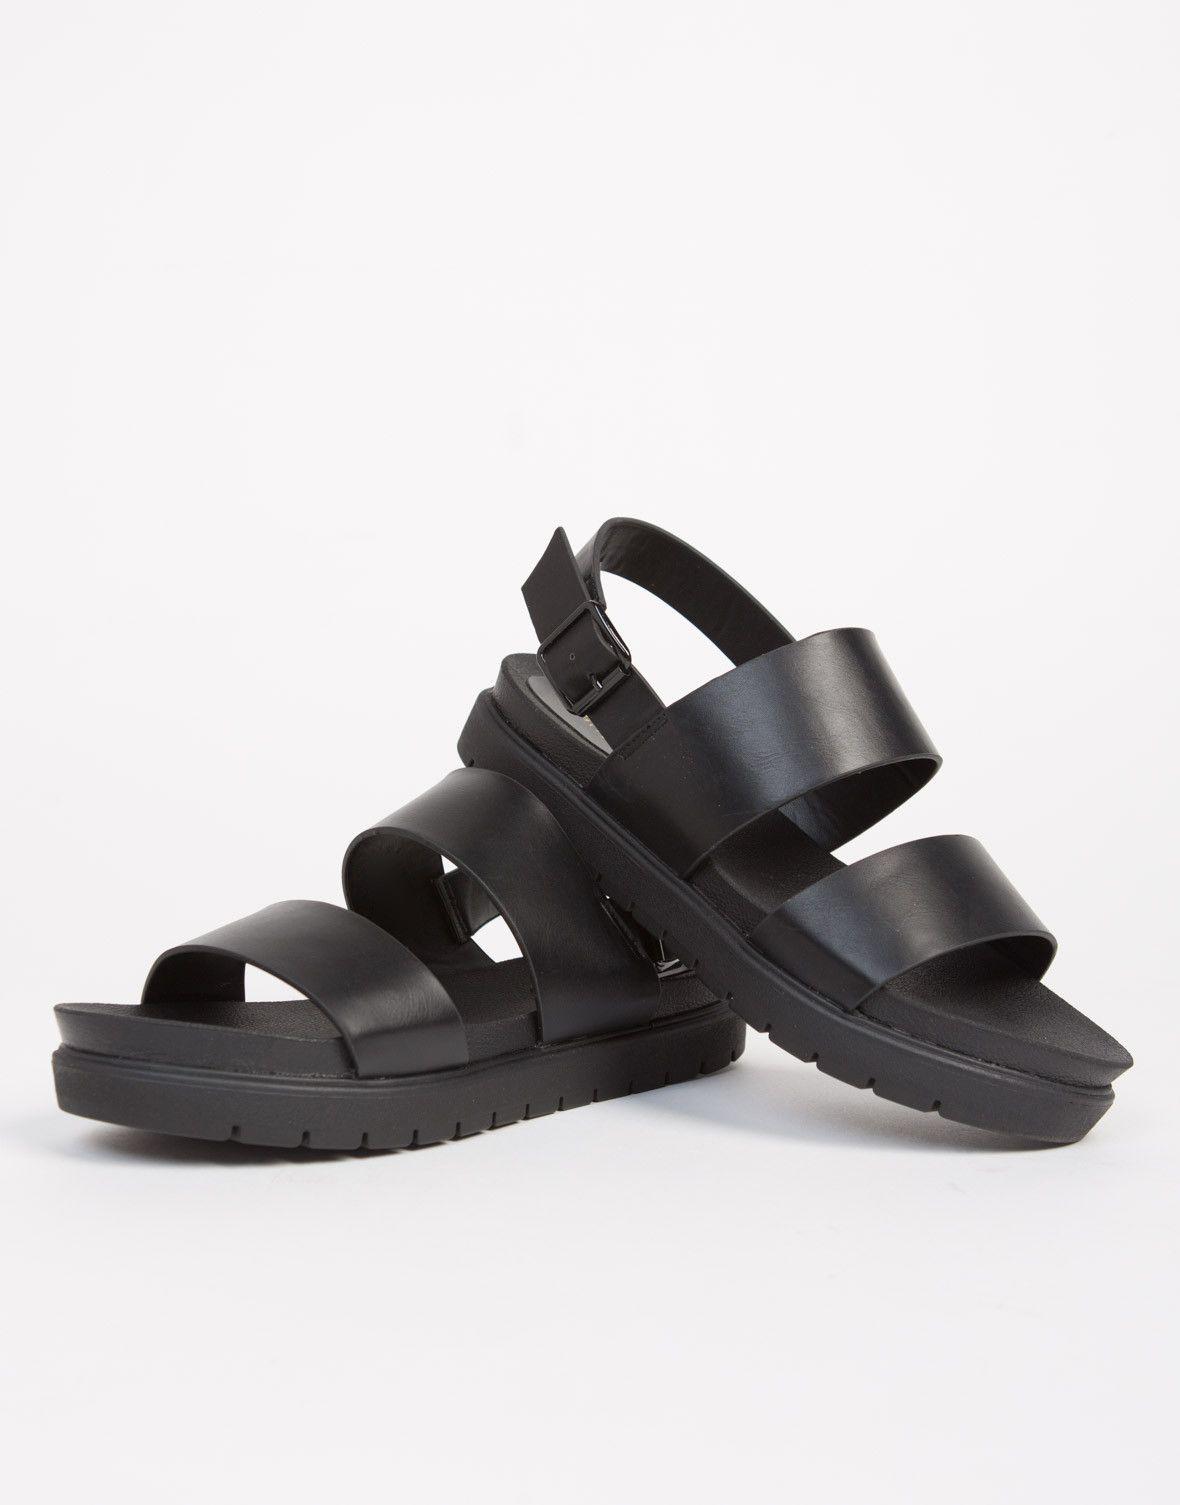 3c53e0d59 Banded Leather Flatform Sandals. Banded Leather Flatform Sandals Black  Platform Sandals